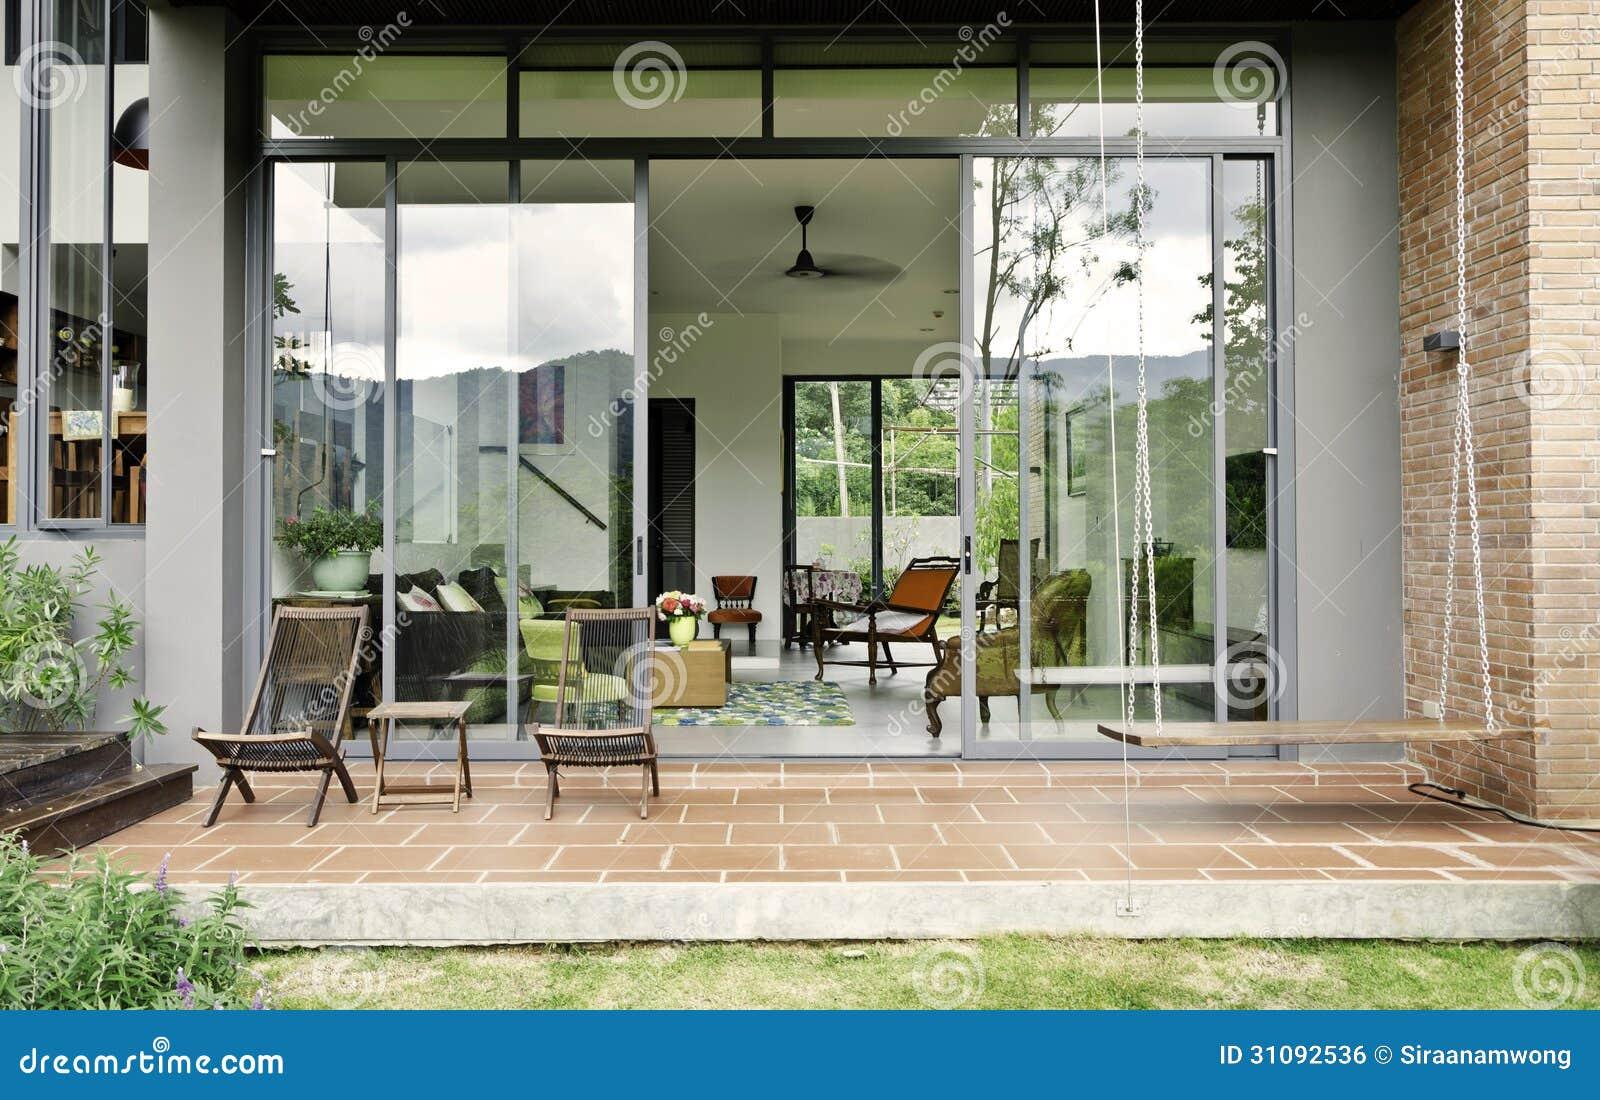 Sala de estar elegante con muebles del vintage foto de for Muebles encantadores del pais elegante